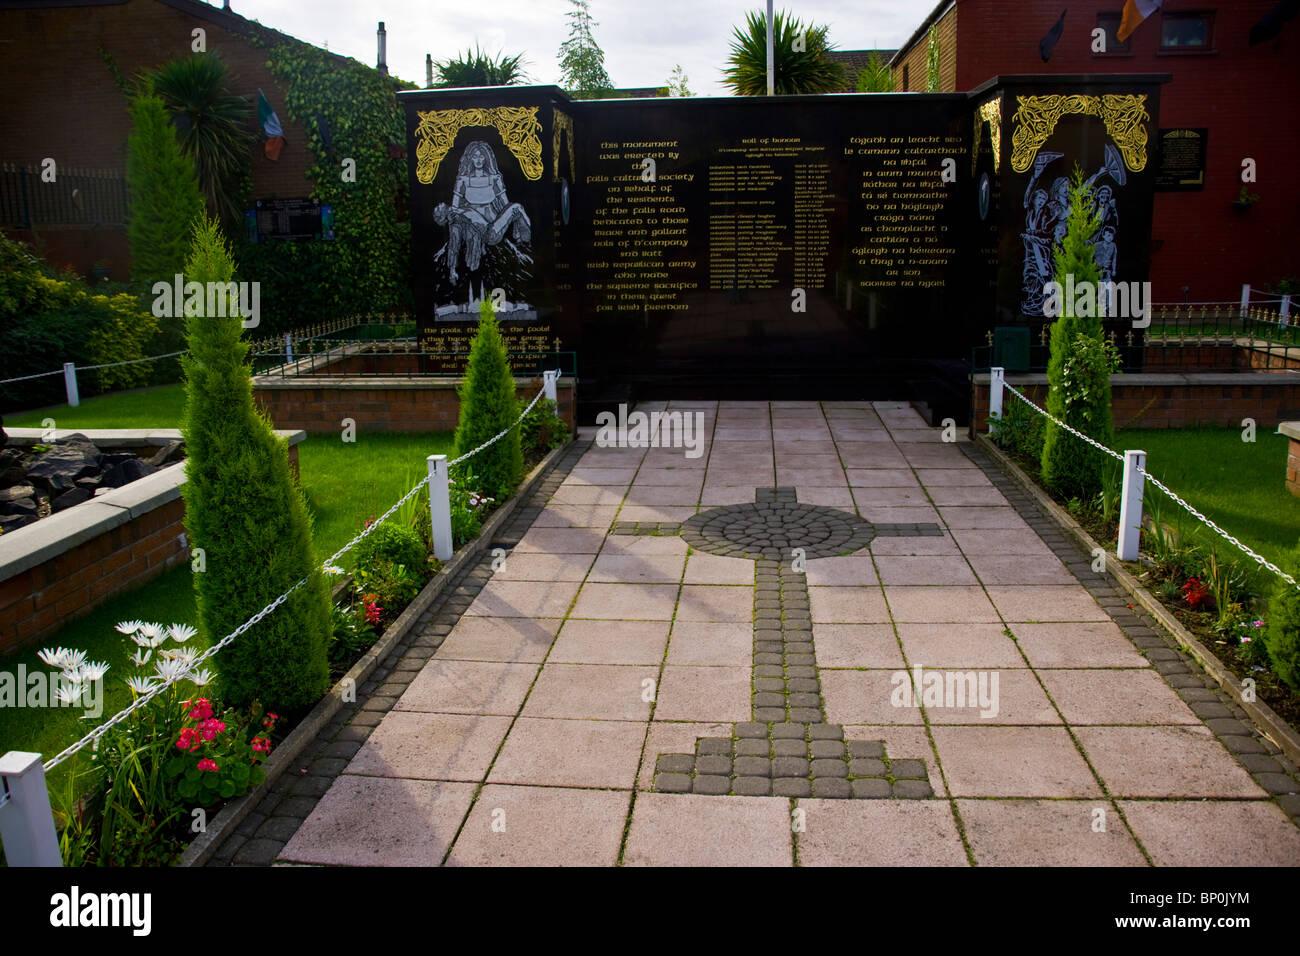 IRA Volunteers Memorial in Falls Road, West Belfast, North Ireland, UK. - Stock Image